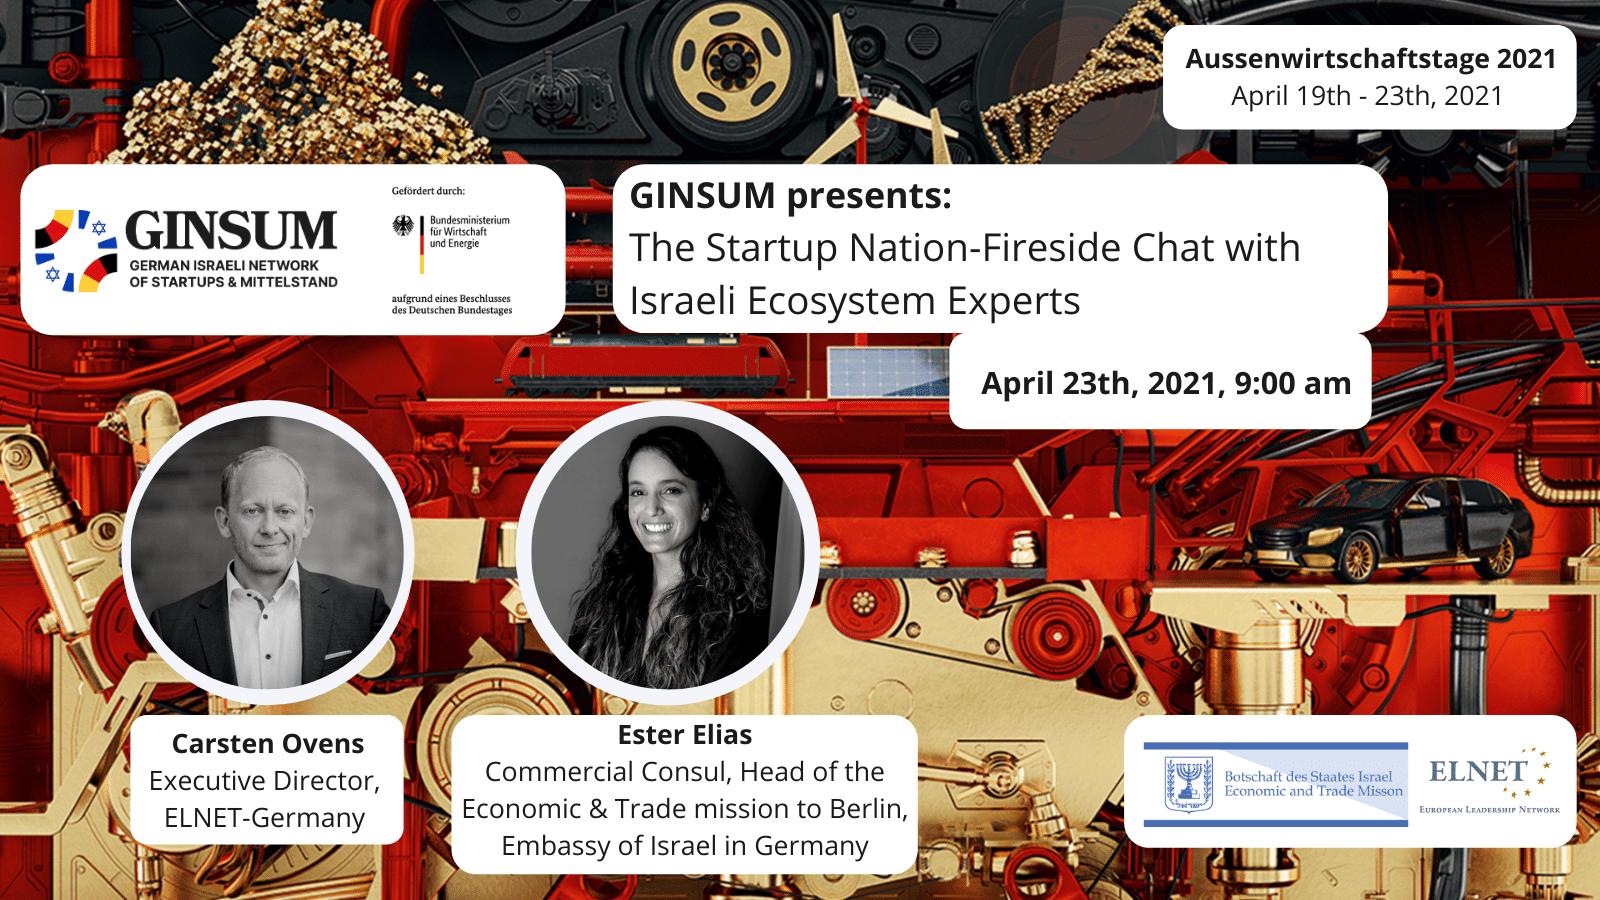 Außenwirtschaftstage 2021 - GINSUM presents: The Startup Nation–Fireside Chat with Israeli Ecosystem Expert